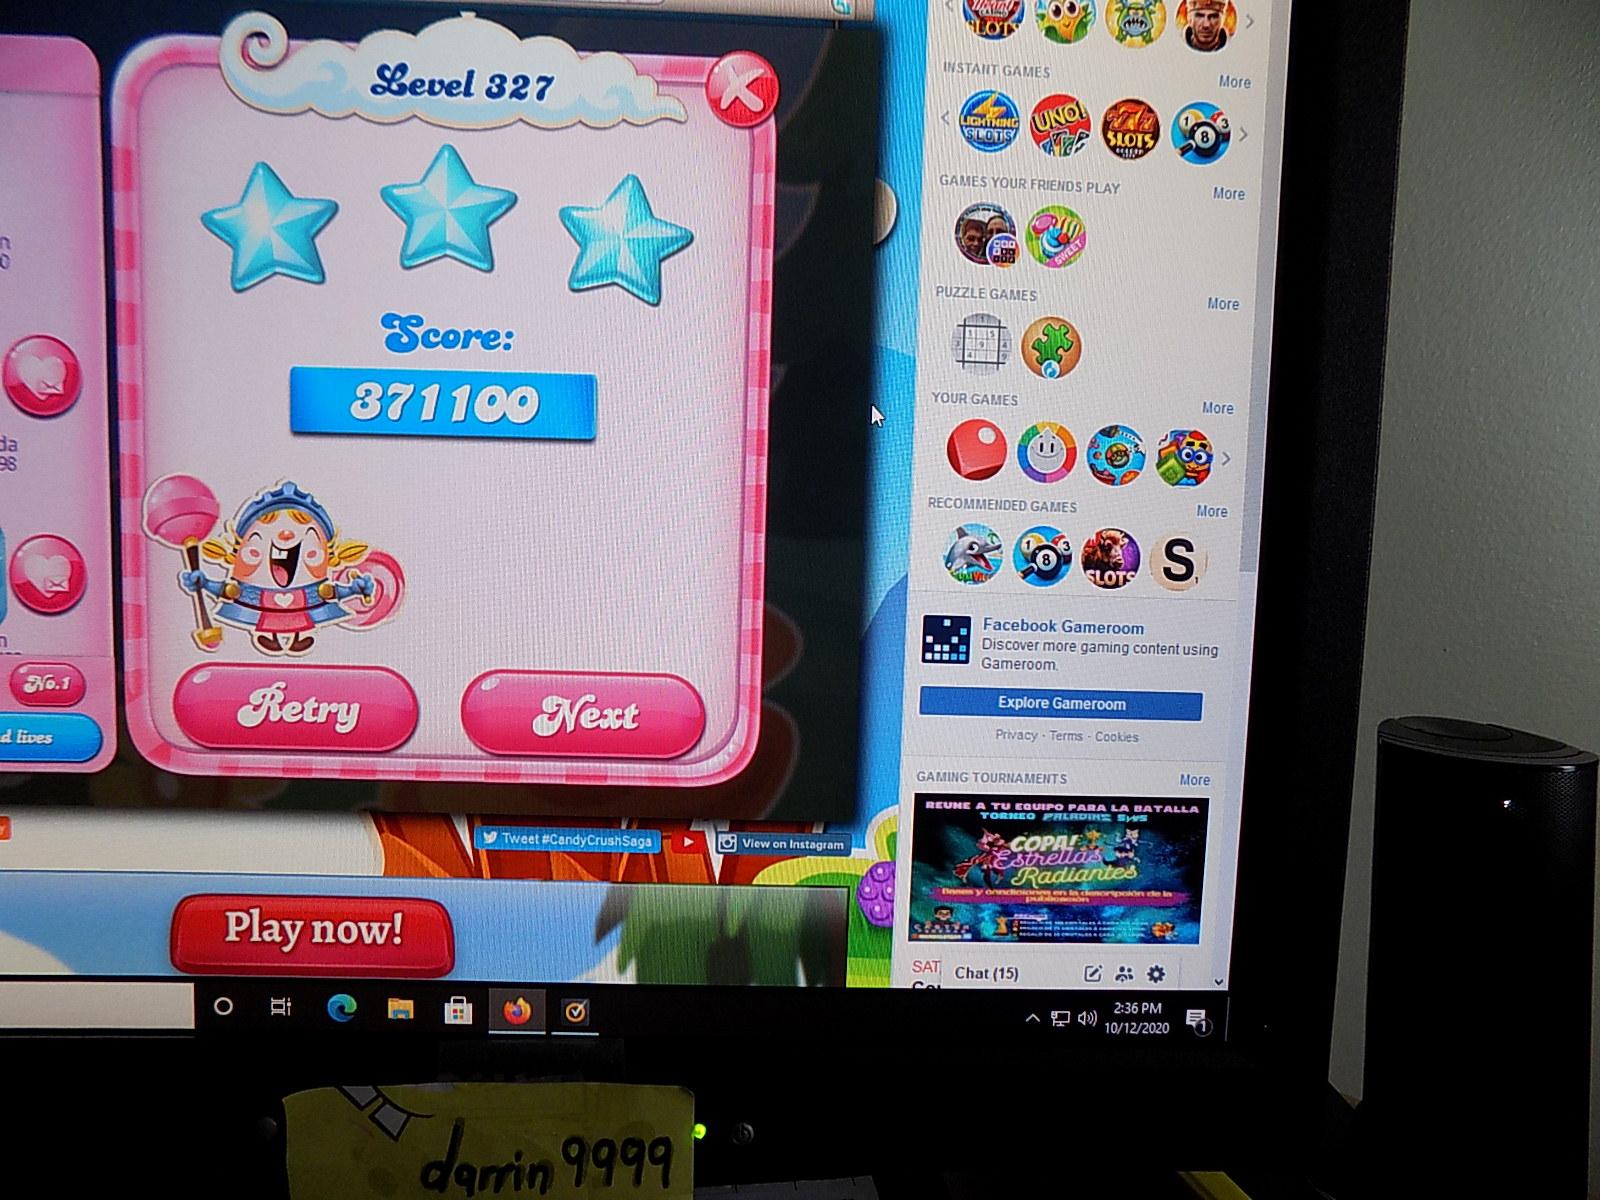 darrin9999: Candy Crush Saga: Level 327 (Web) 371,100 points on 2020-10-12 13:52:41